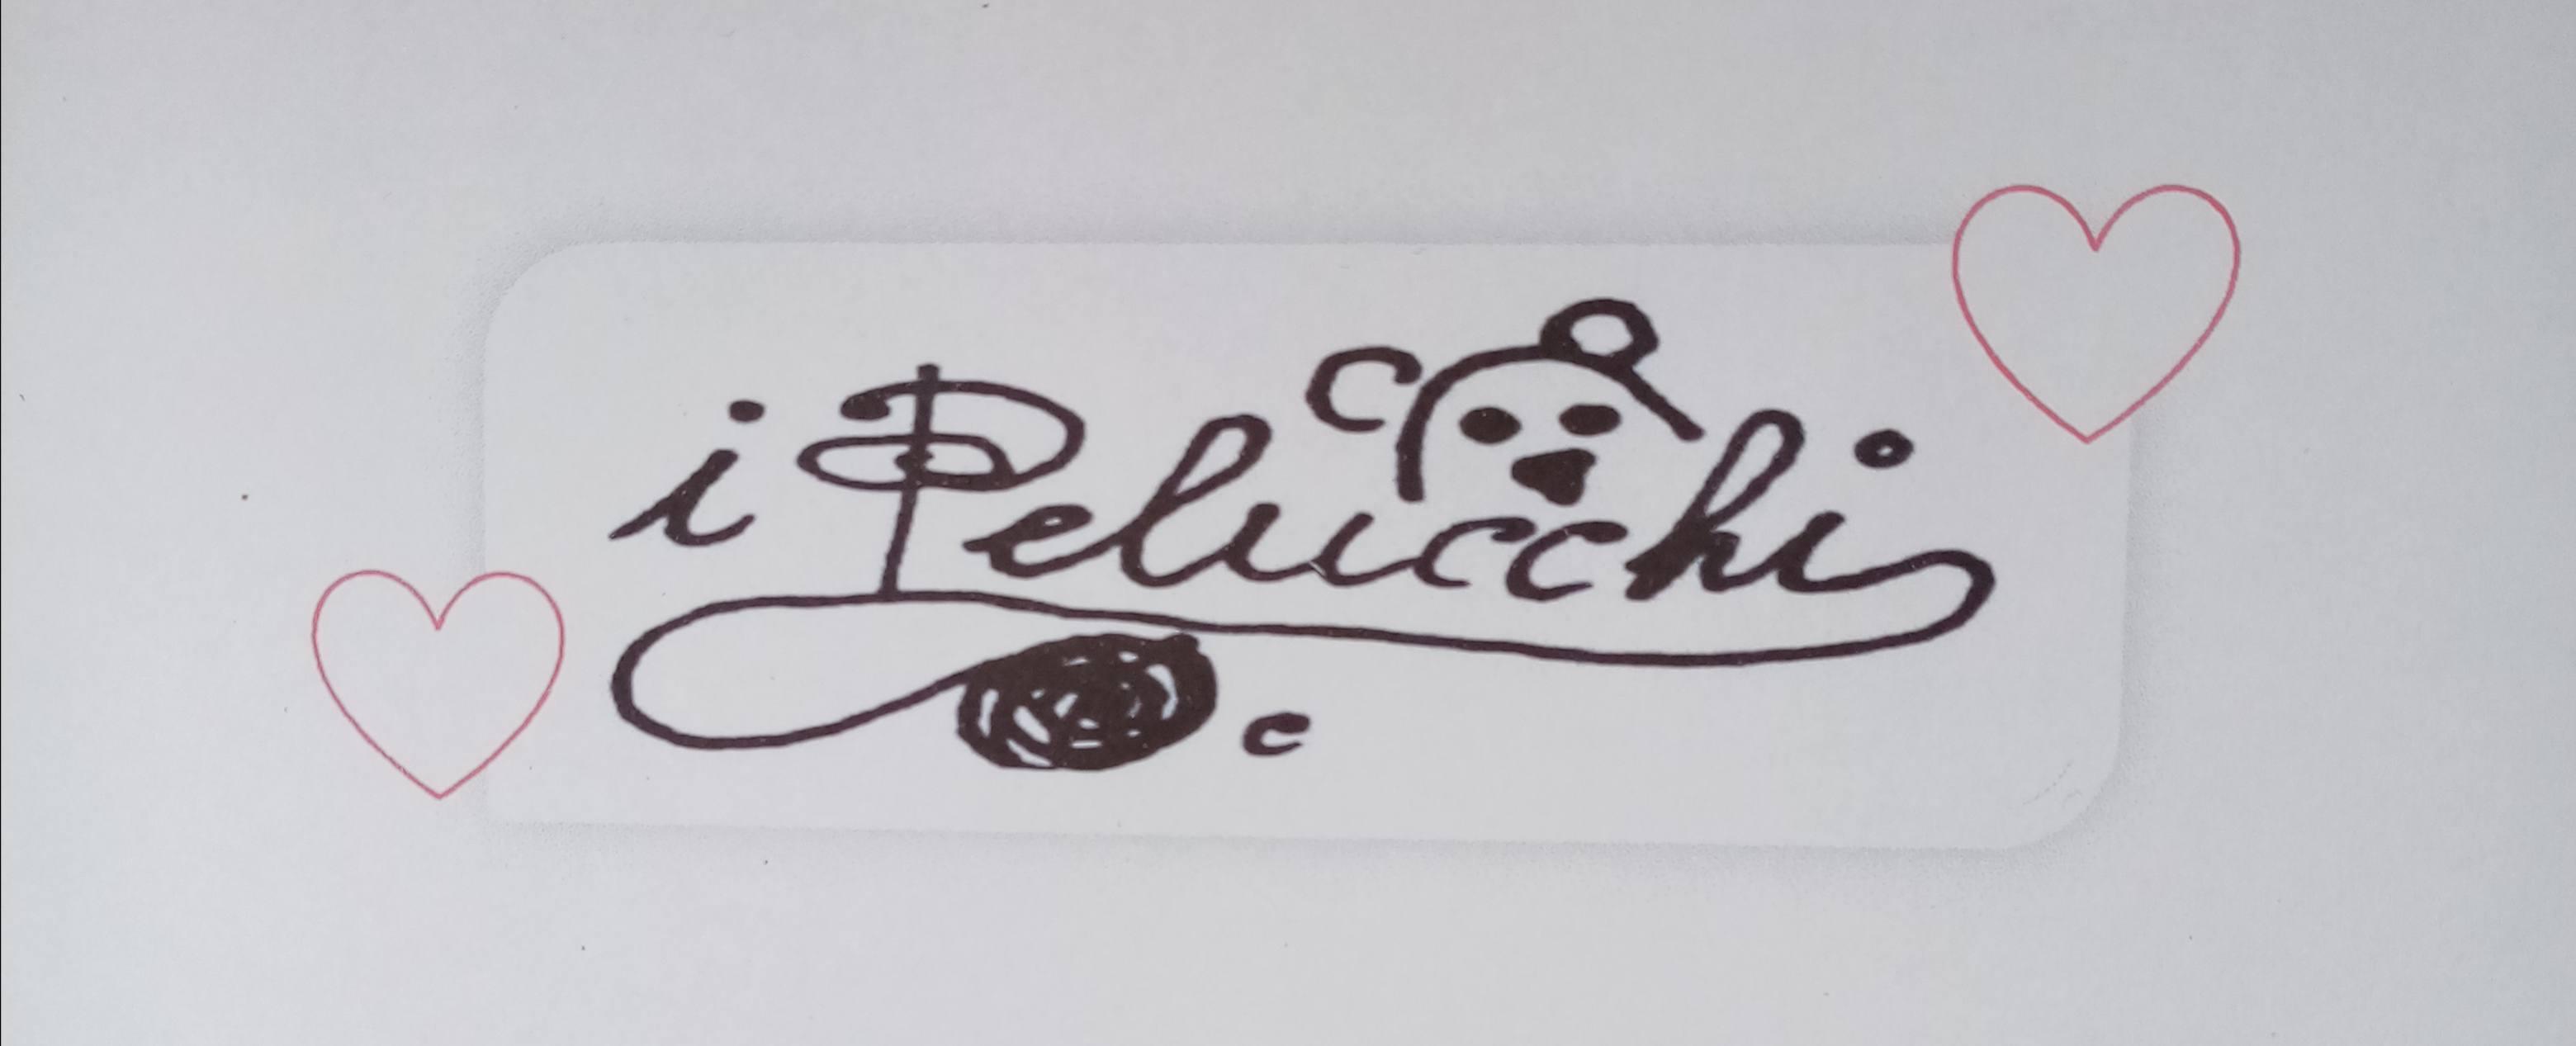 I Pelucchi